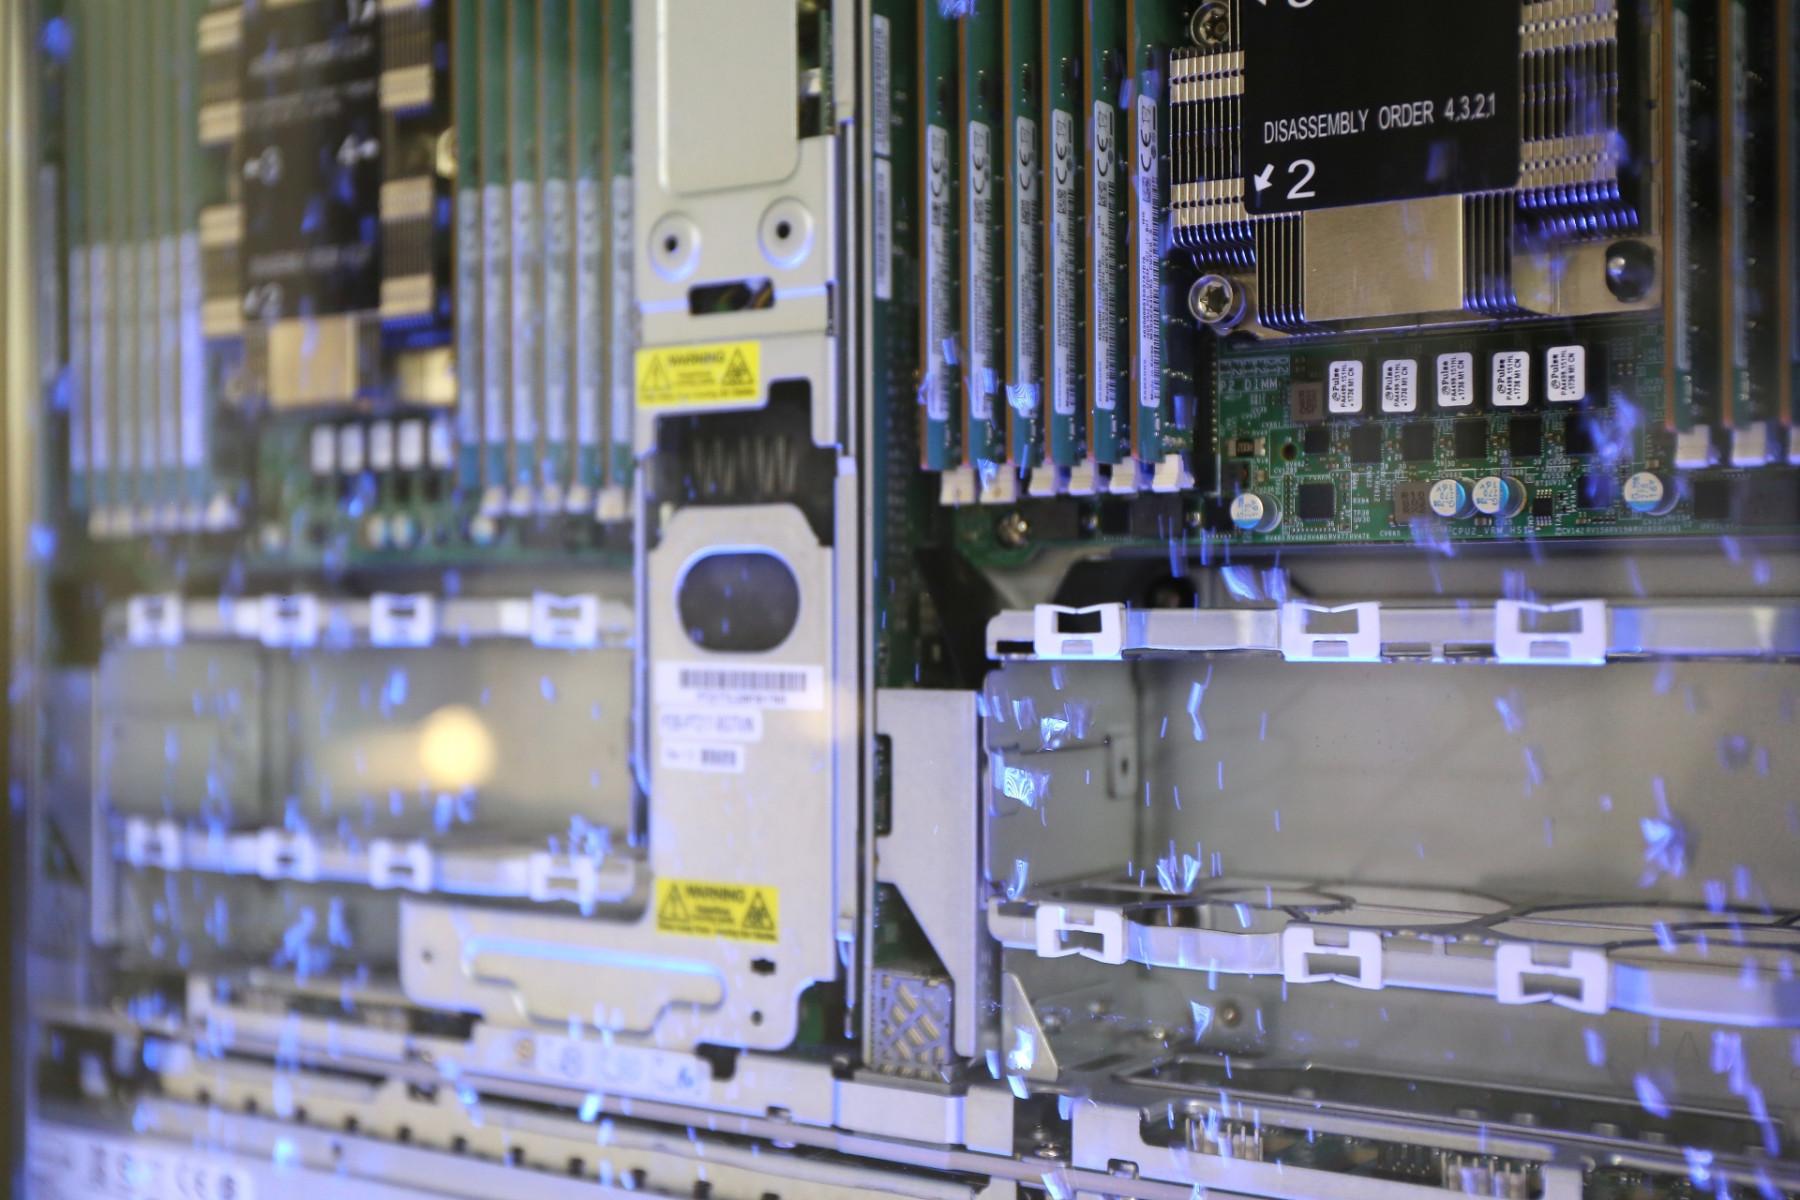 採用浸沒式冷卻技術 使機房PUE大幅降低